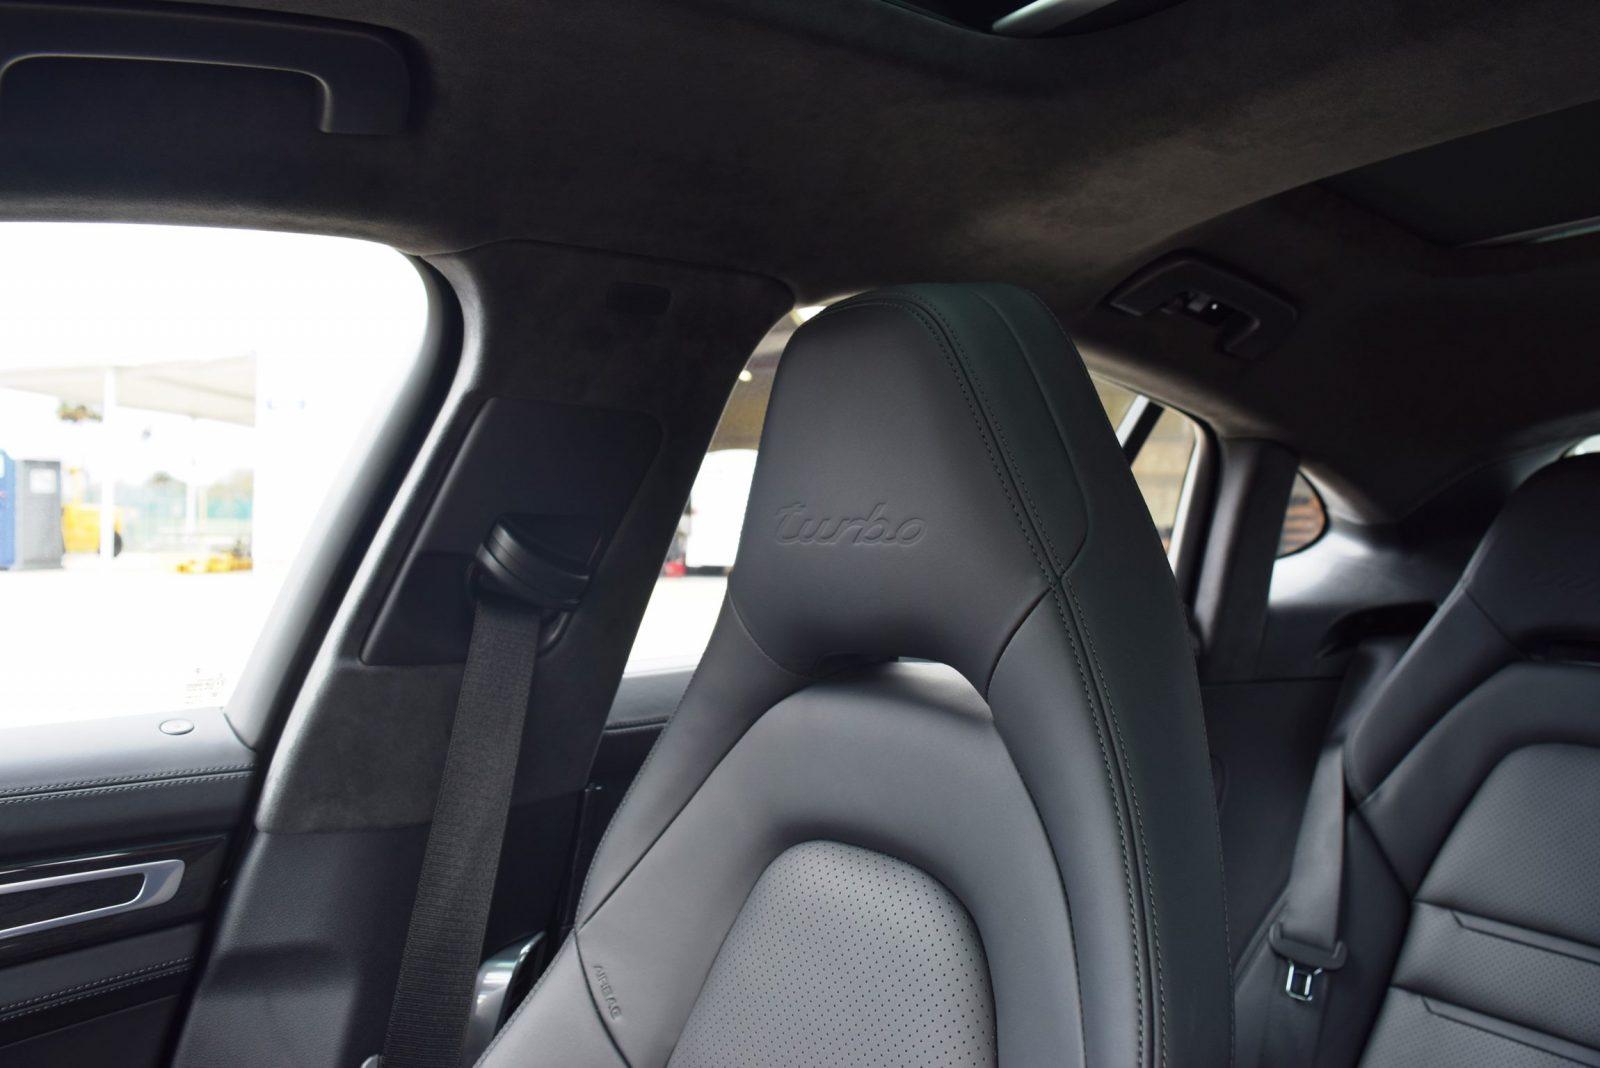 2017 Porsche Panamera TURBO Interior 18